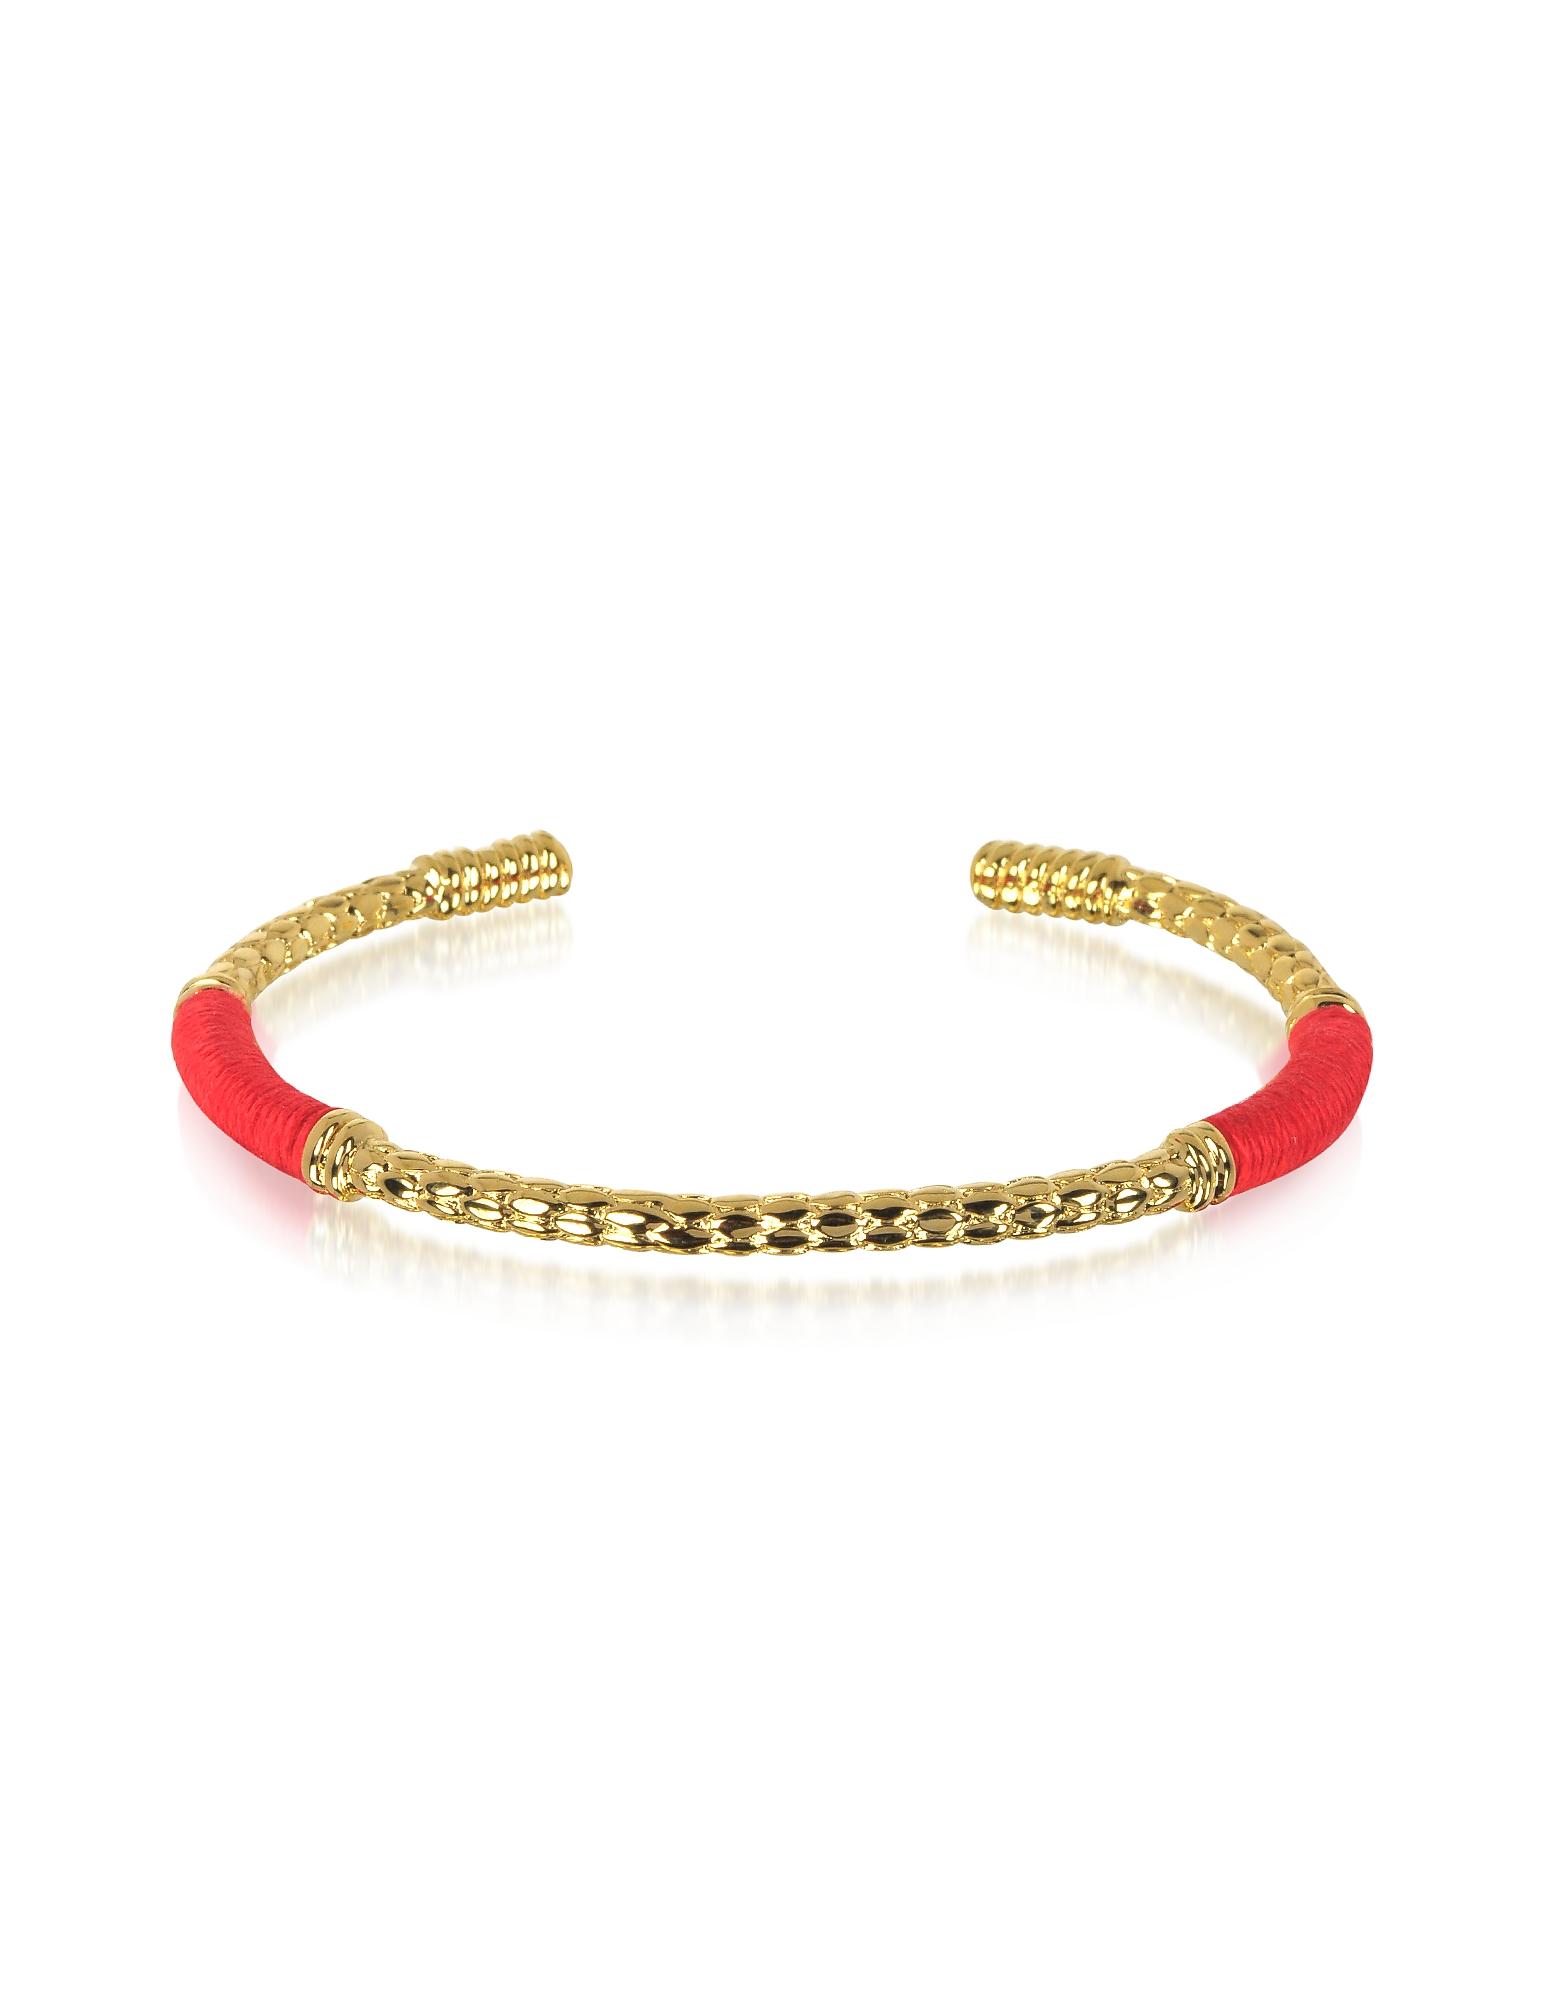 Soho Serpent - Браслет с Напылением Золота 18 карат и Красной Нитью